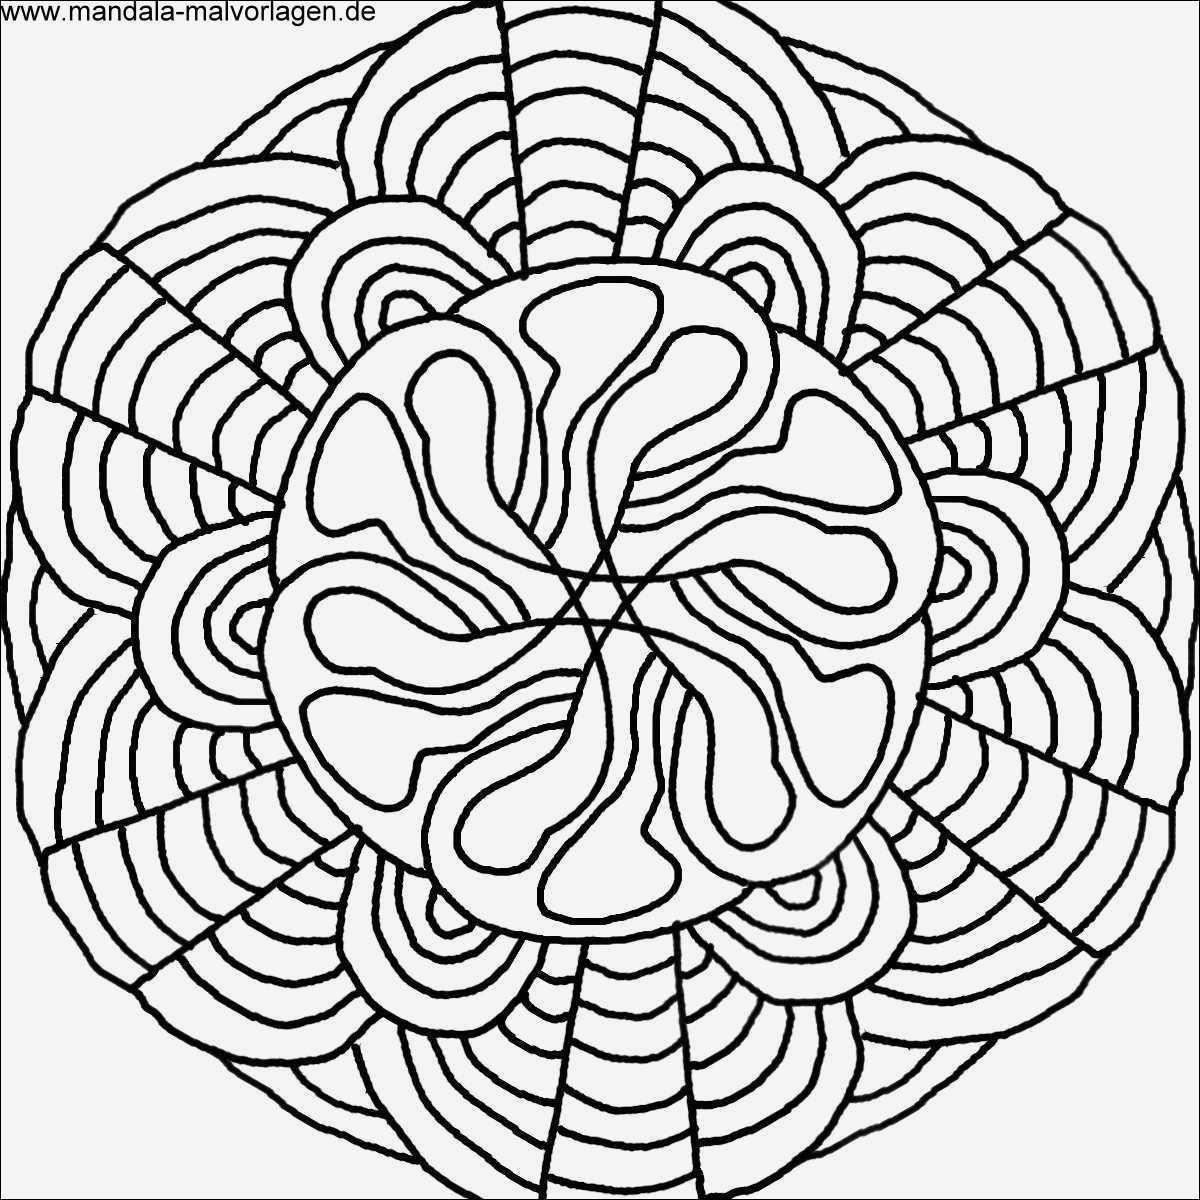 Rosen Zum Ausmalen Einzigartig Rose Herz Malvorlage Bild Lernspiele Färbung Bilder Ausmalbilder Bild